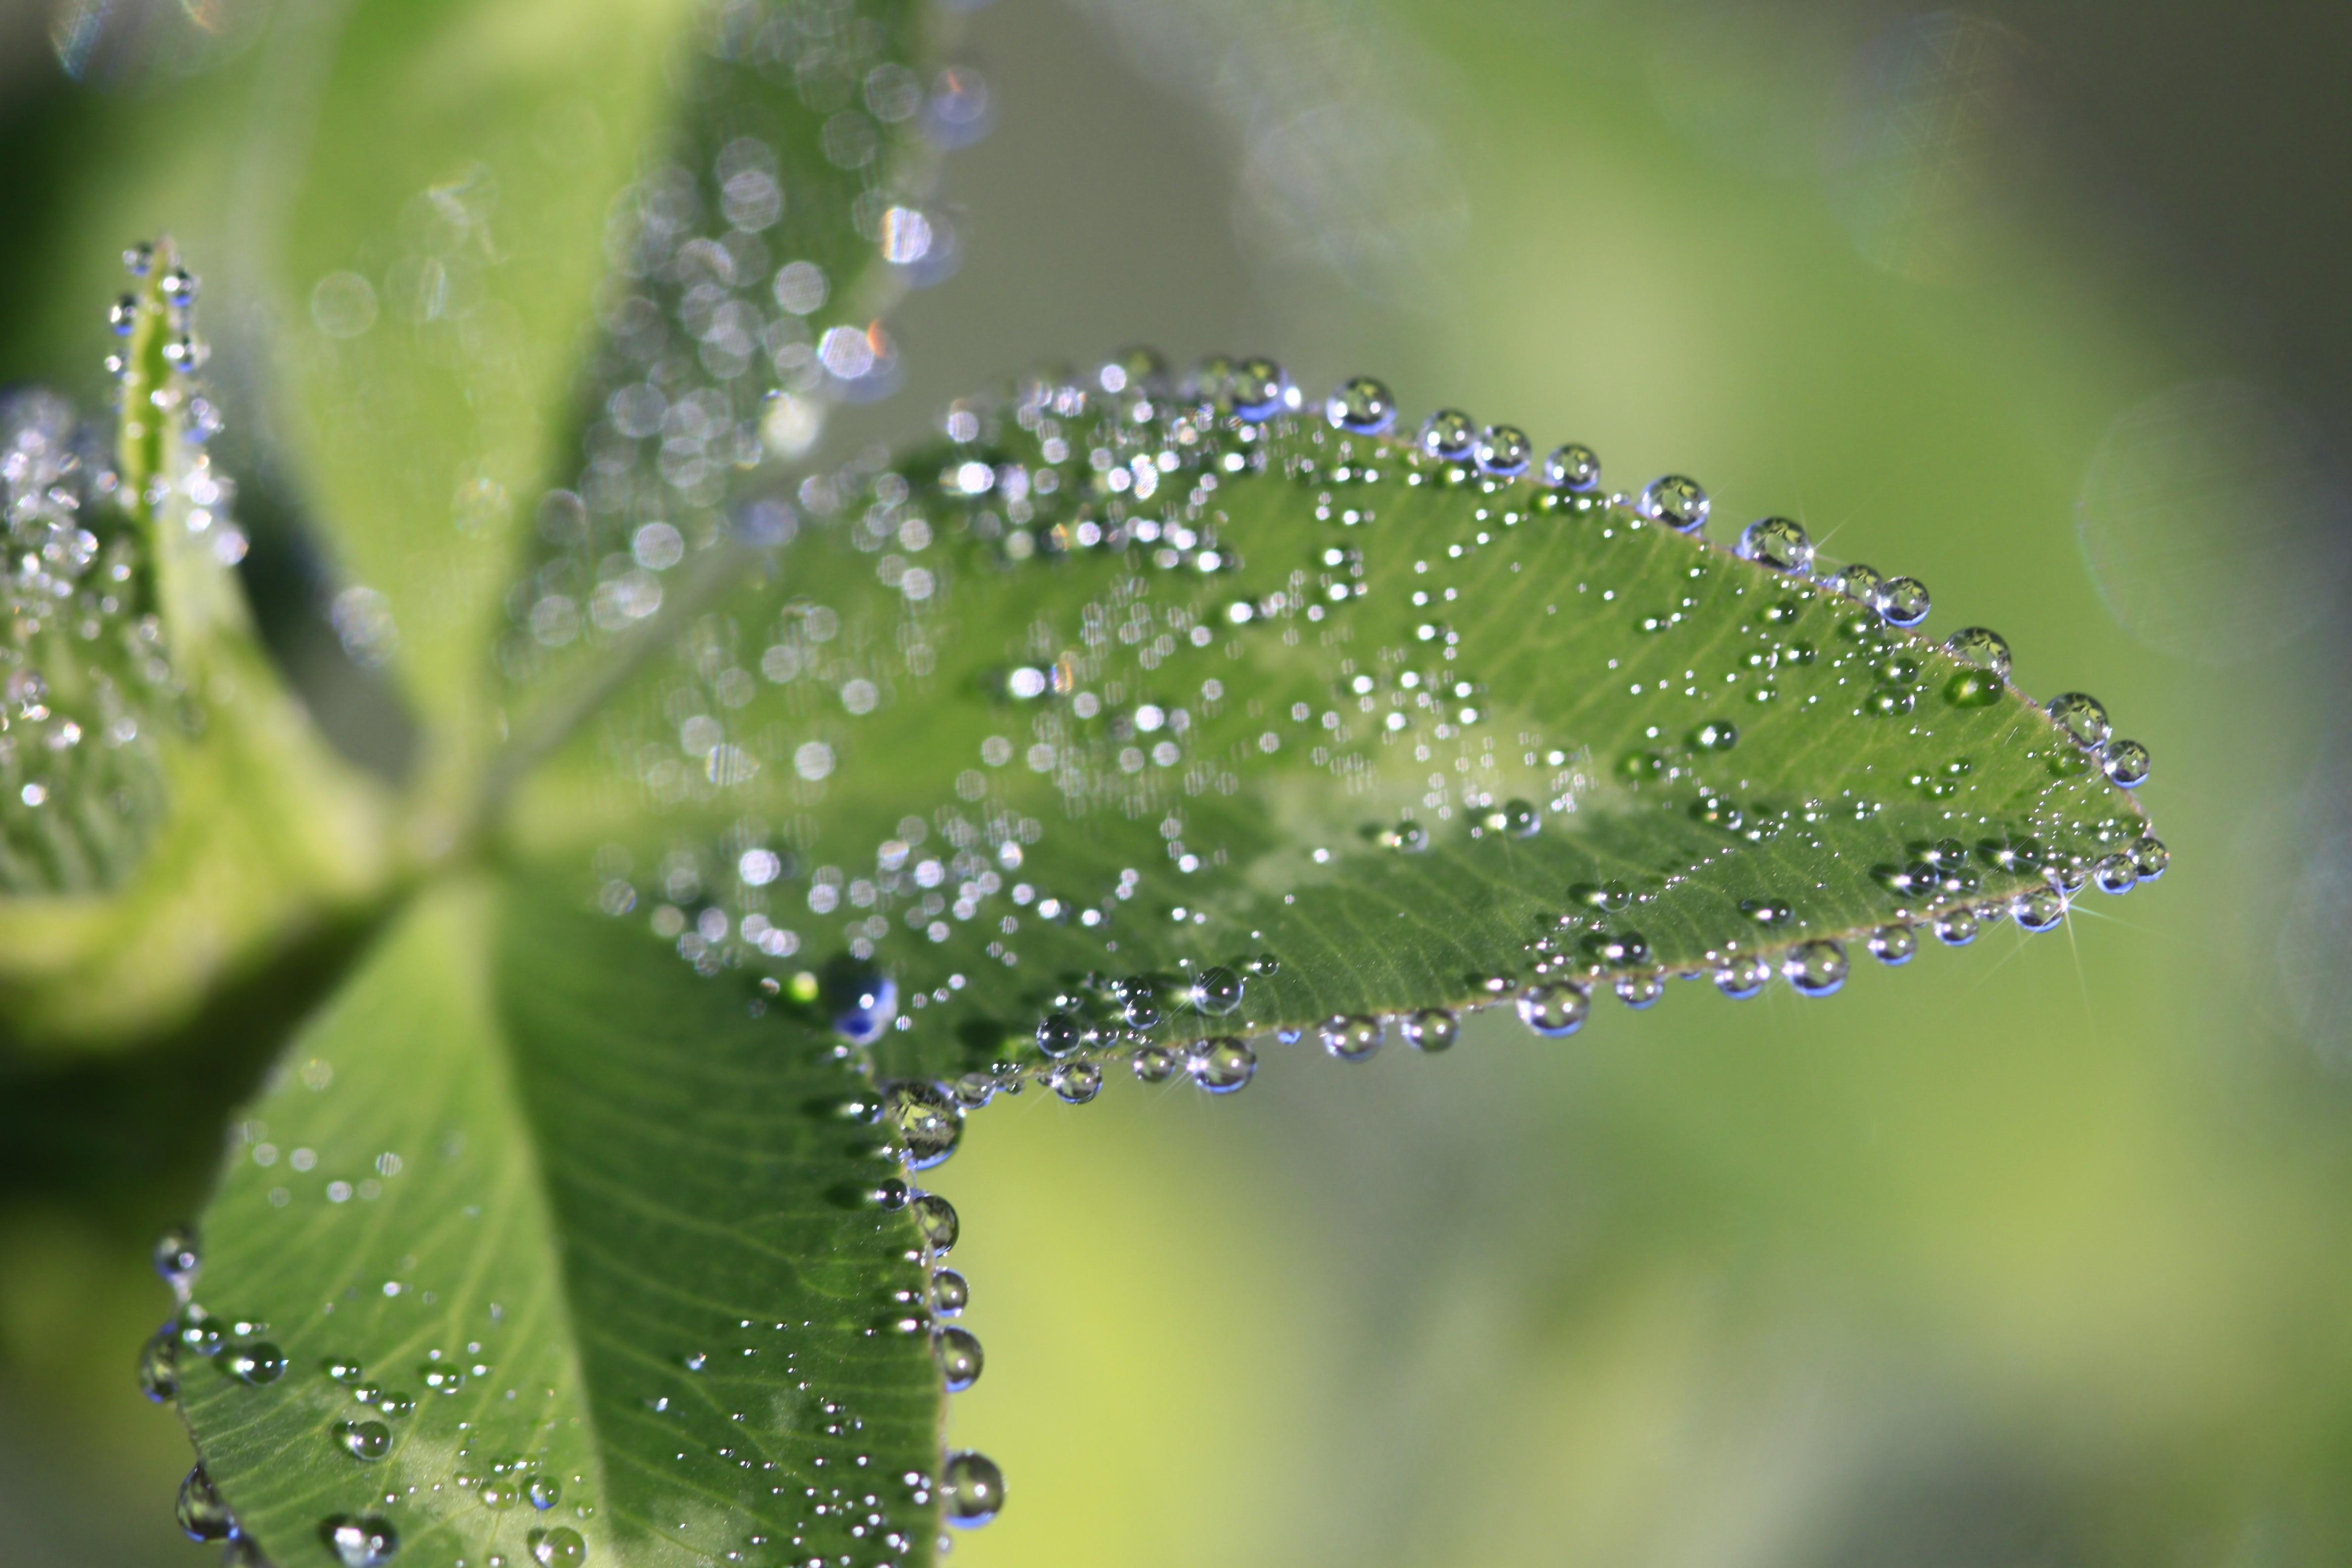 картинки с каплями на растении все люди знают